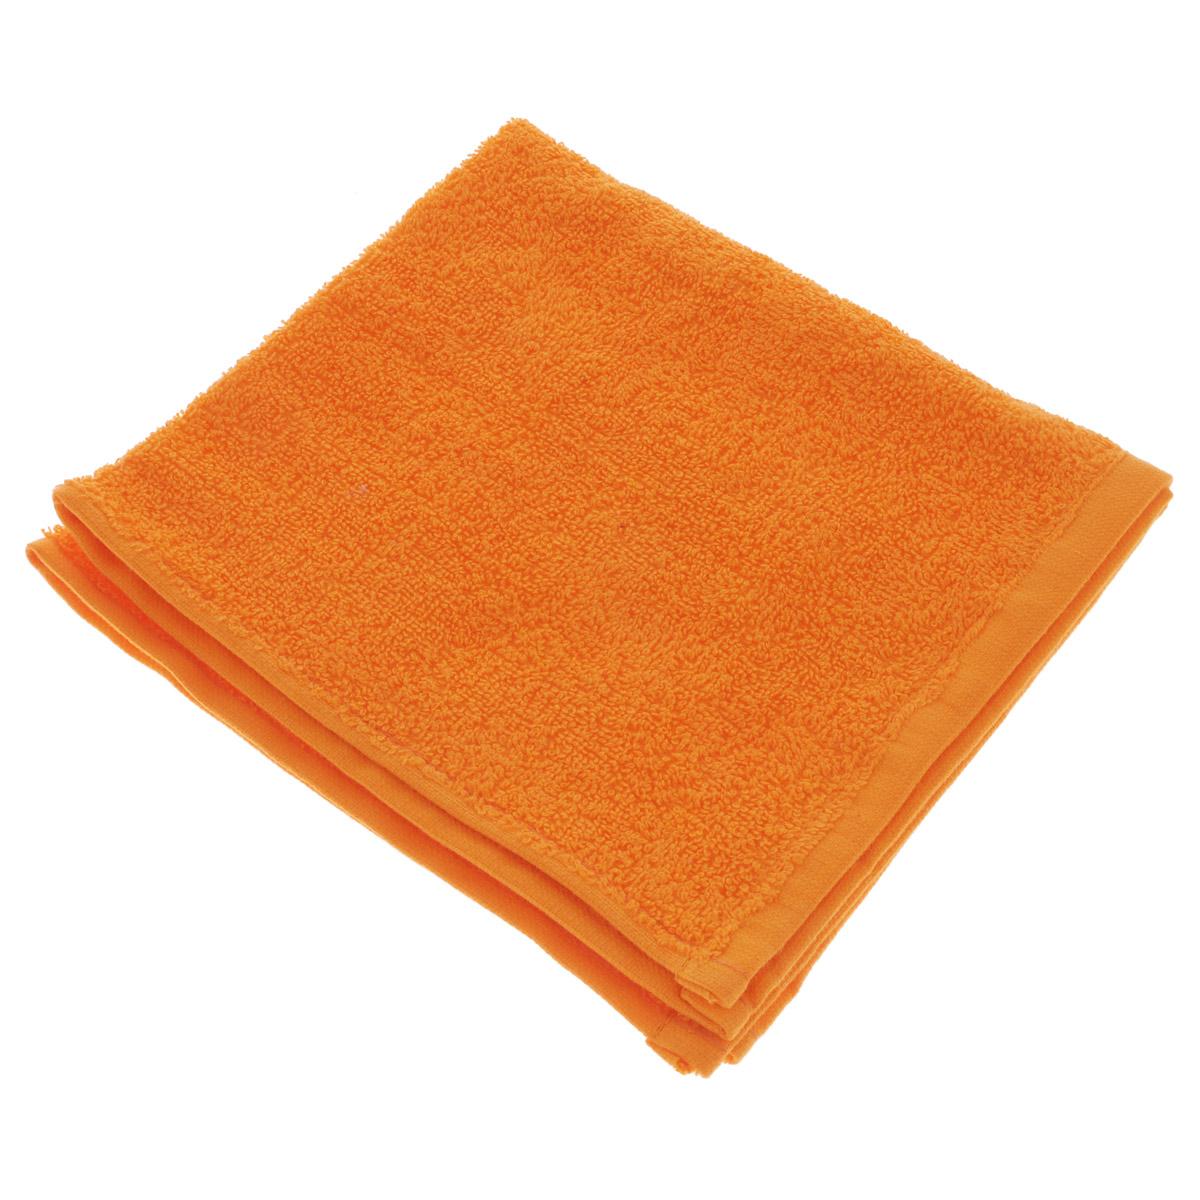 Полотенце махровое Osborn Textile, цвет: оранжевый, 40 х 40 см12723В состав полотенца Osborn Textile входит только натуральное волокно - хлопок. Такое полотенце будет незаменимо в вашем быту. Оно создаст прекрасное настроение не только в ванной комнате, но и в кухне. Изделие прекрасно впитывает влагу и быстро сохнет. При соблюдении рекомендаций по уходу не линяет и не теряет форму даже после многократных стирок. Плотность: 400 г/м2.